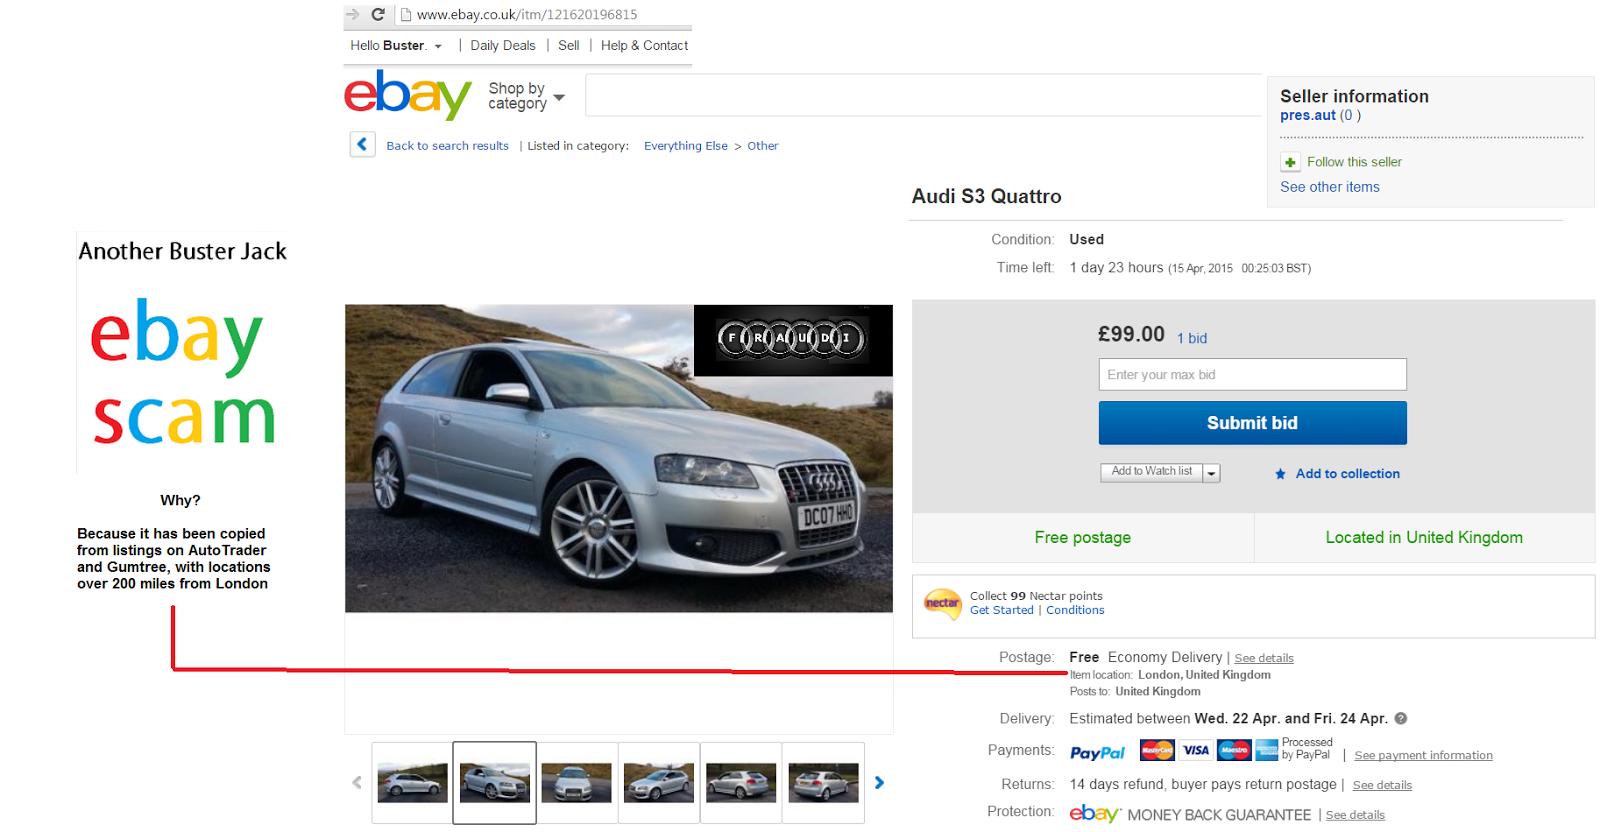 075985e664b http   www.ebay.co.uk itm 121620196815   pres.aut ( )